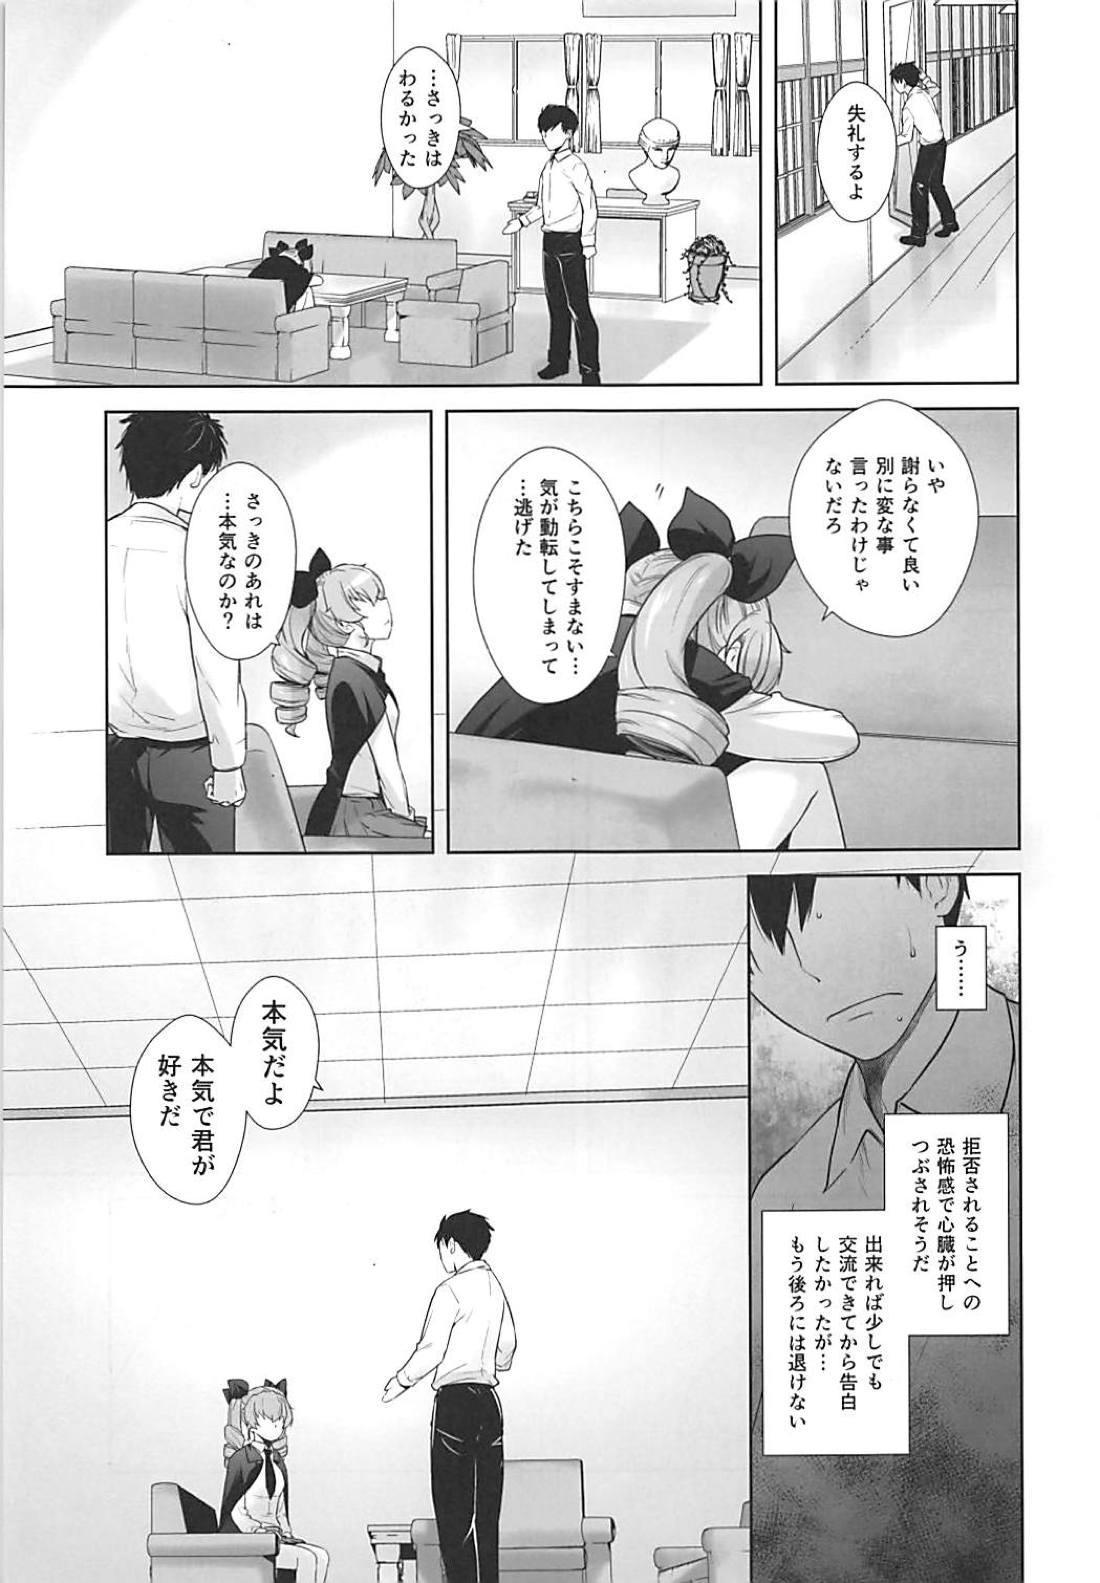 Anata ga Anchovy o Shiawase ni Suru Hon 11